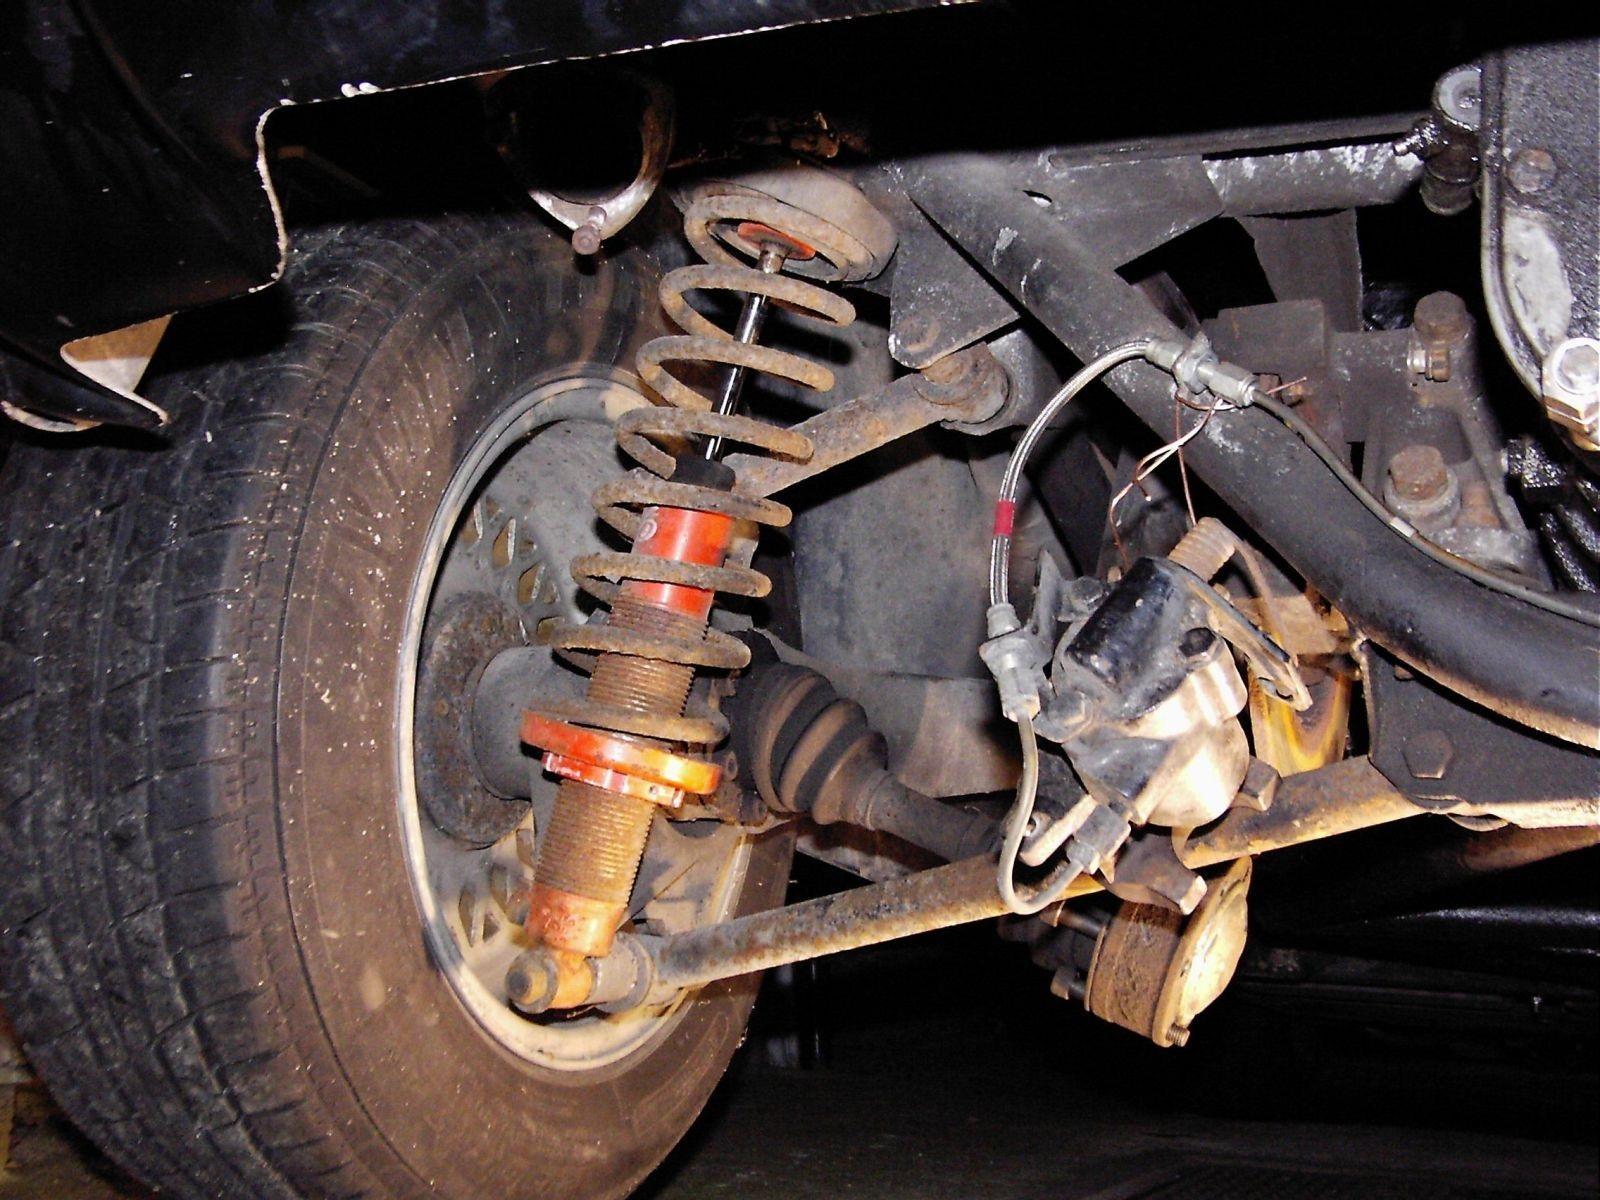 гранта колесо при повороте издает звук